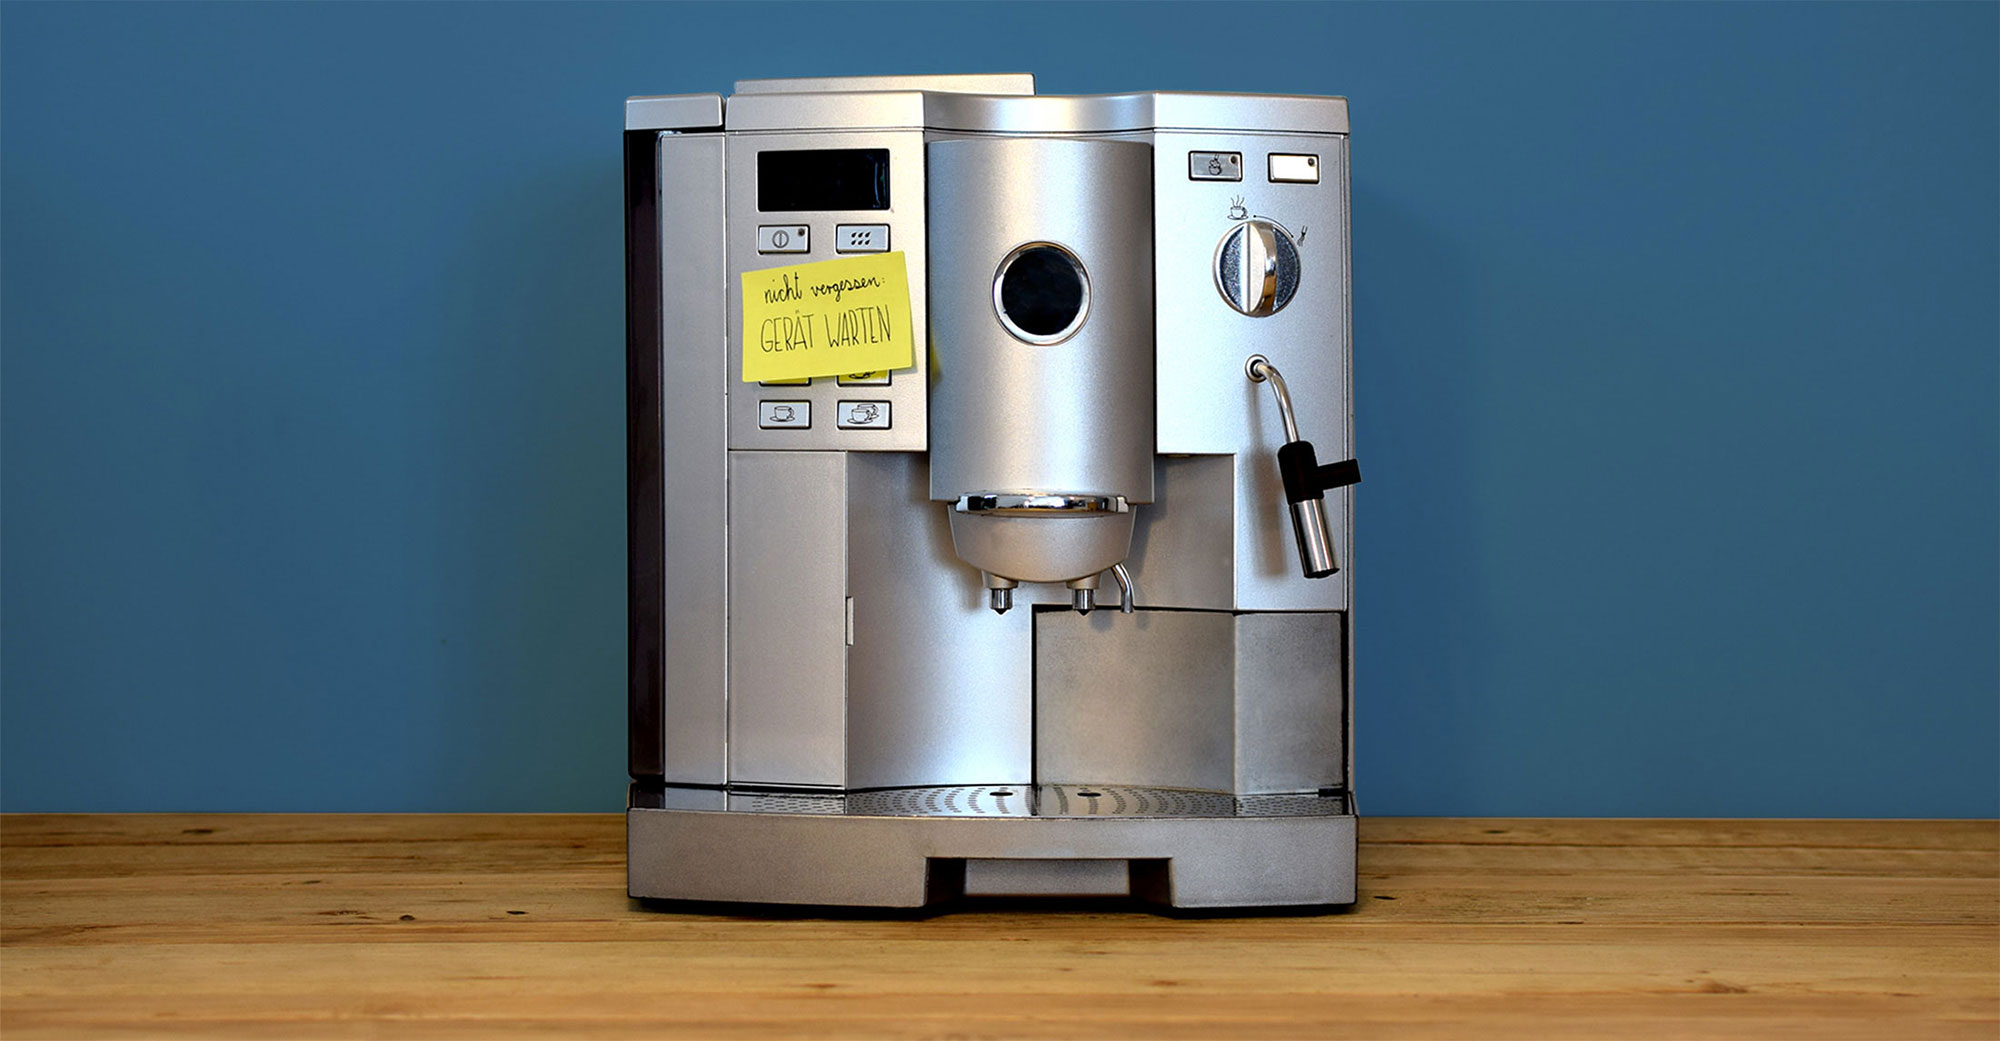 Gorenje Kühlschrank Wasser Fließt Nicht Ab : Kaffeevollautomat zieht kein wasser was tun vangerow